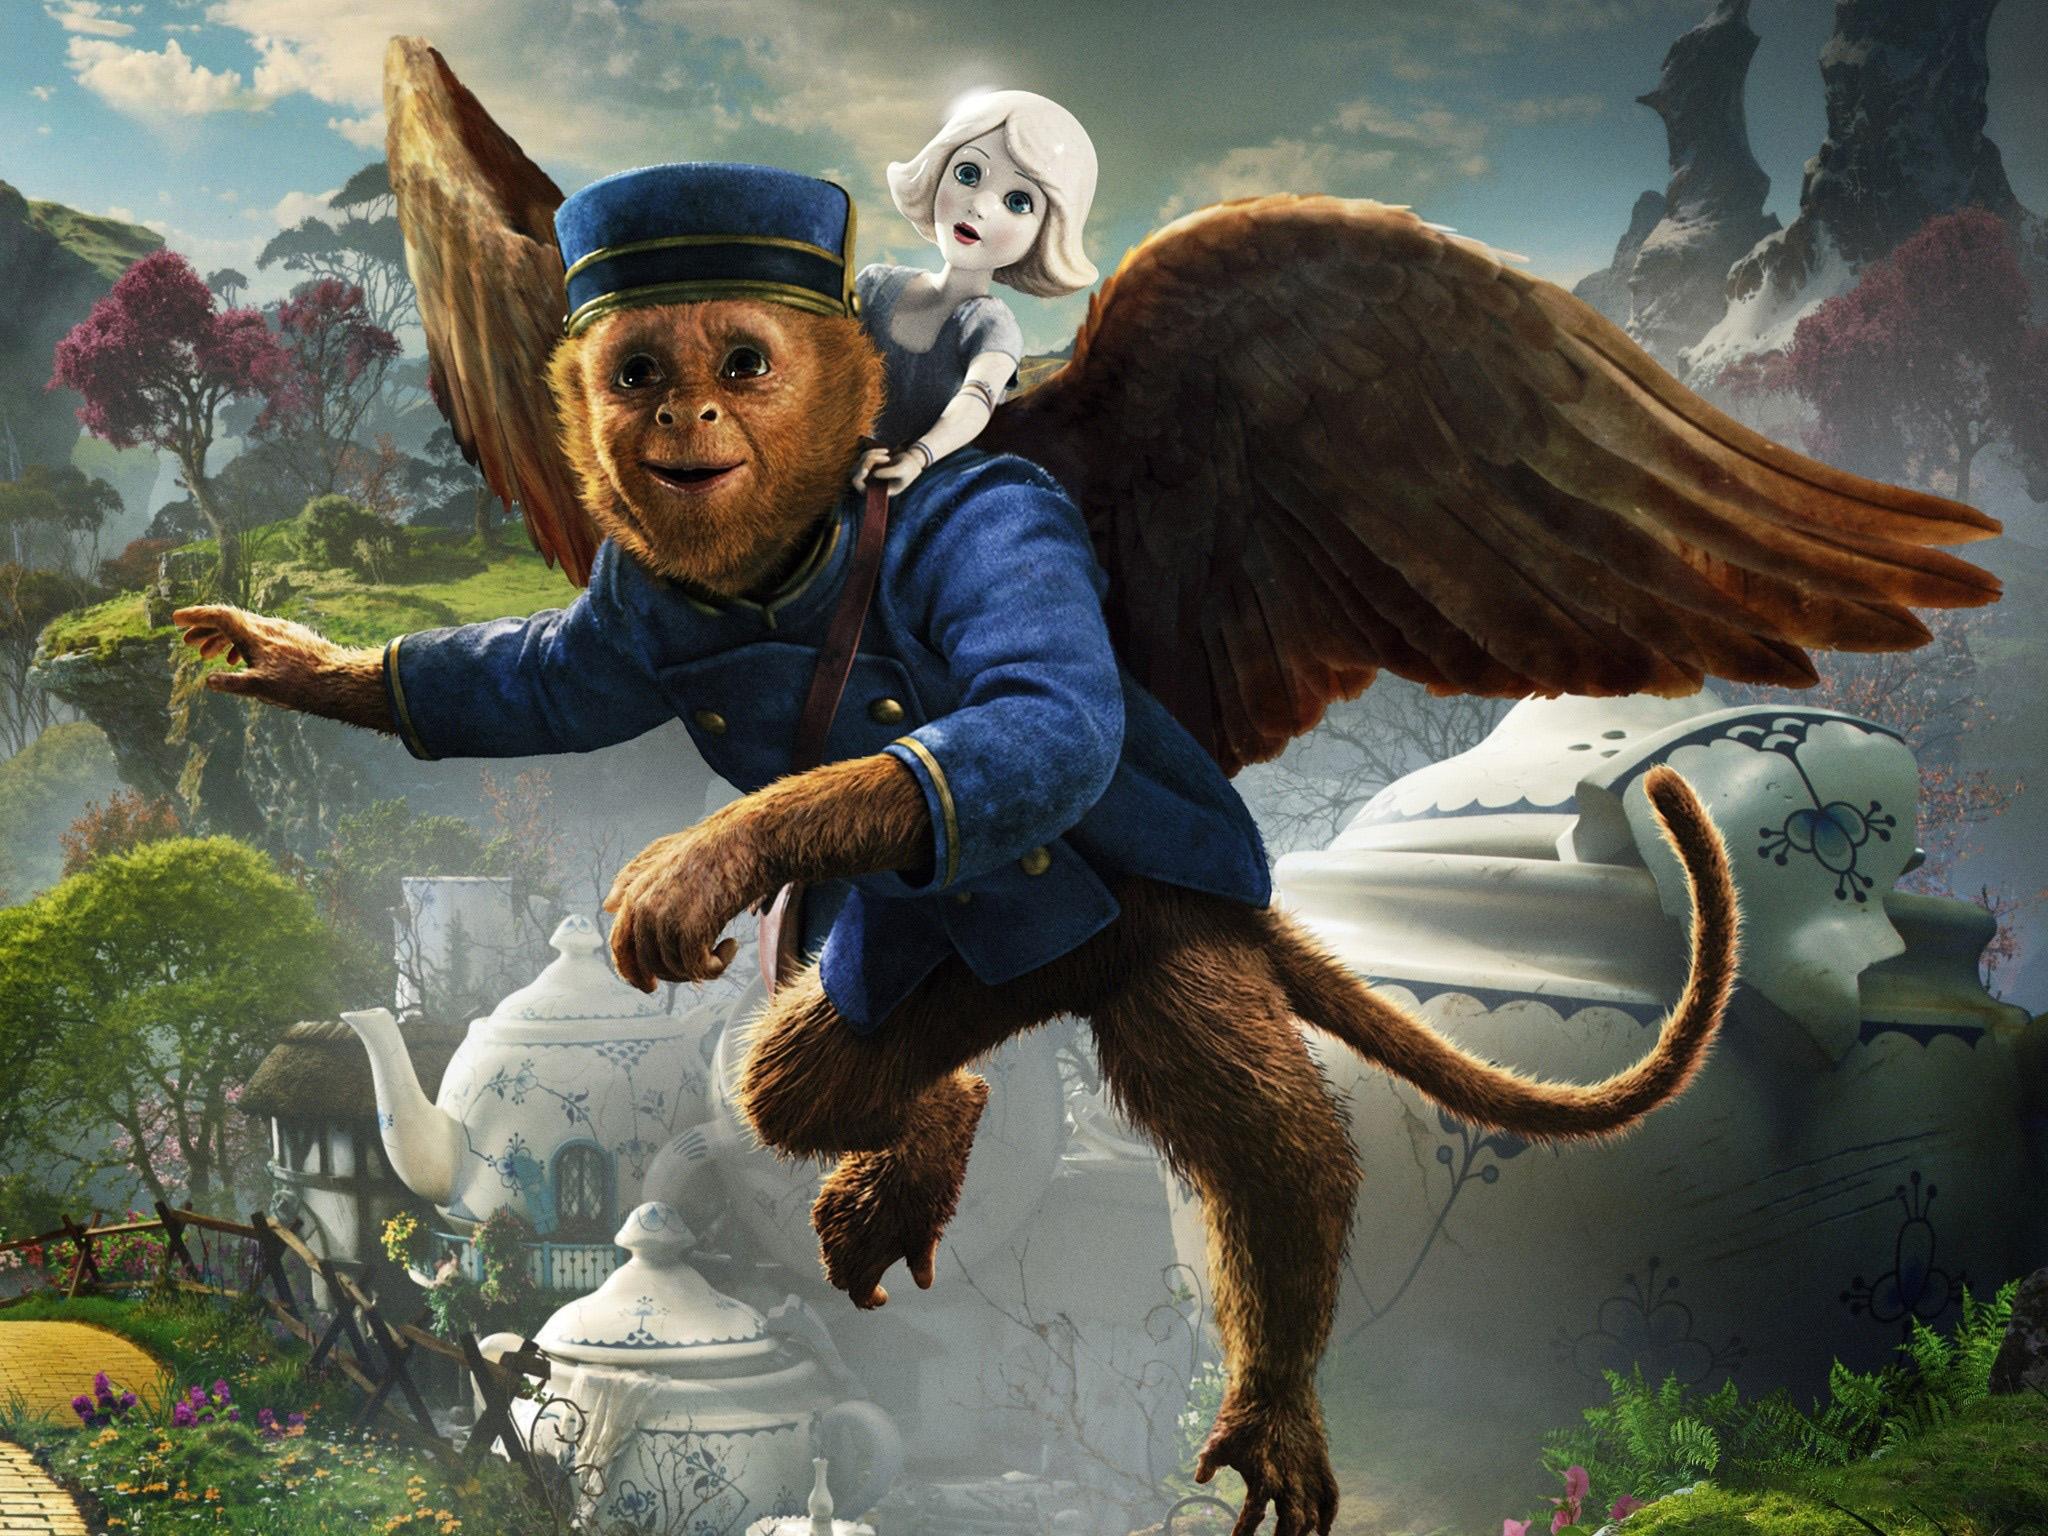 Fondos de pantalla Un mono volador y una muñeca